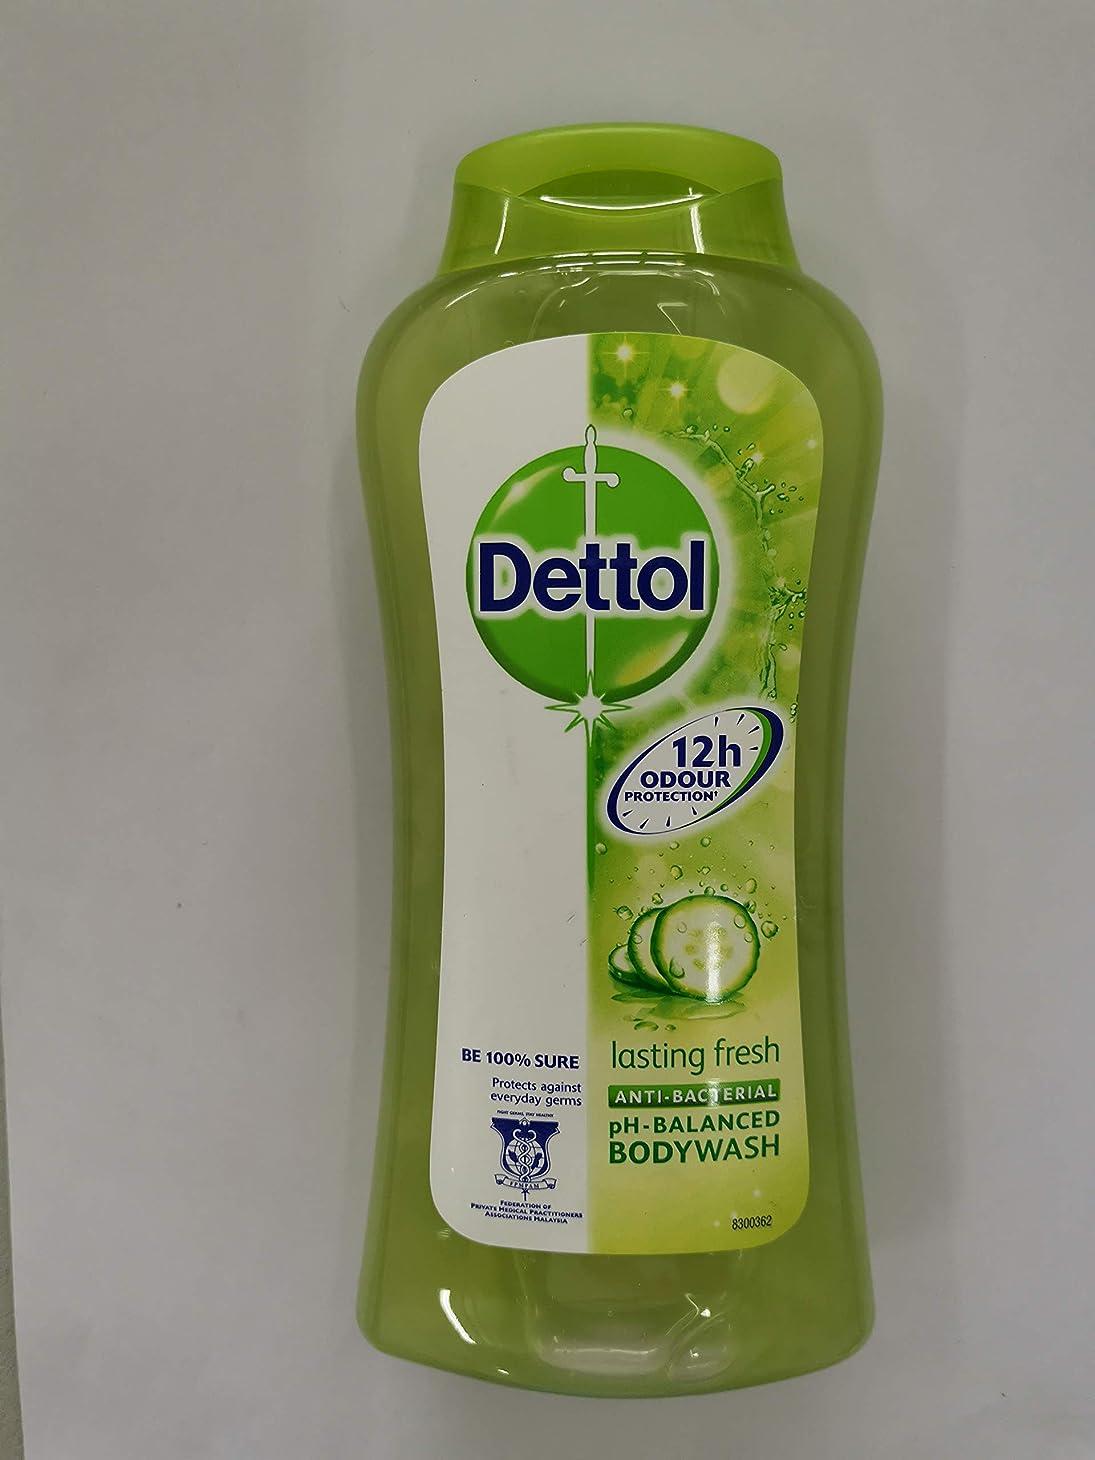 性交除去定期的Dettol pHバランス式を進めた250ml-フレッシュシャワージェルラスティング - 大規模な目に見えない細菌を防ぐ - 提供、新鮮で健康的なだけでシャワーを浴びて気持ちを継続しました